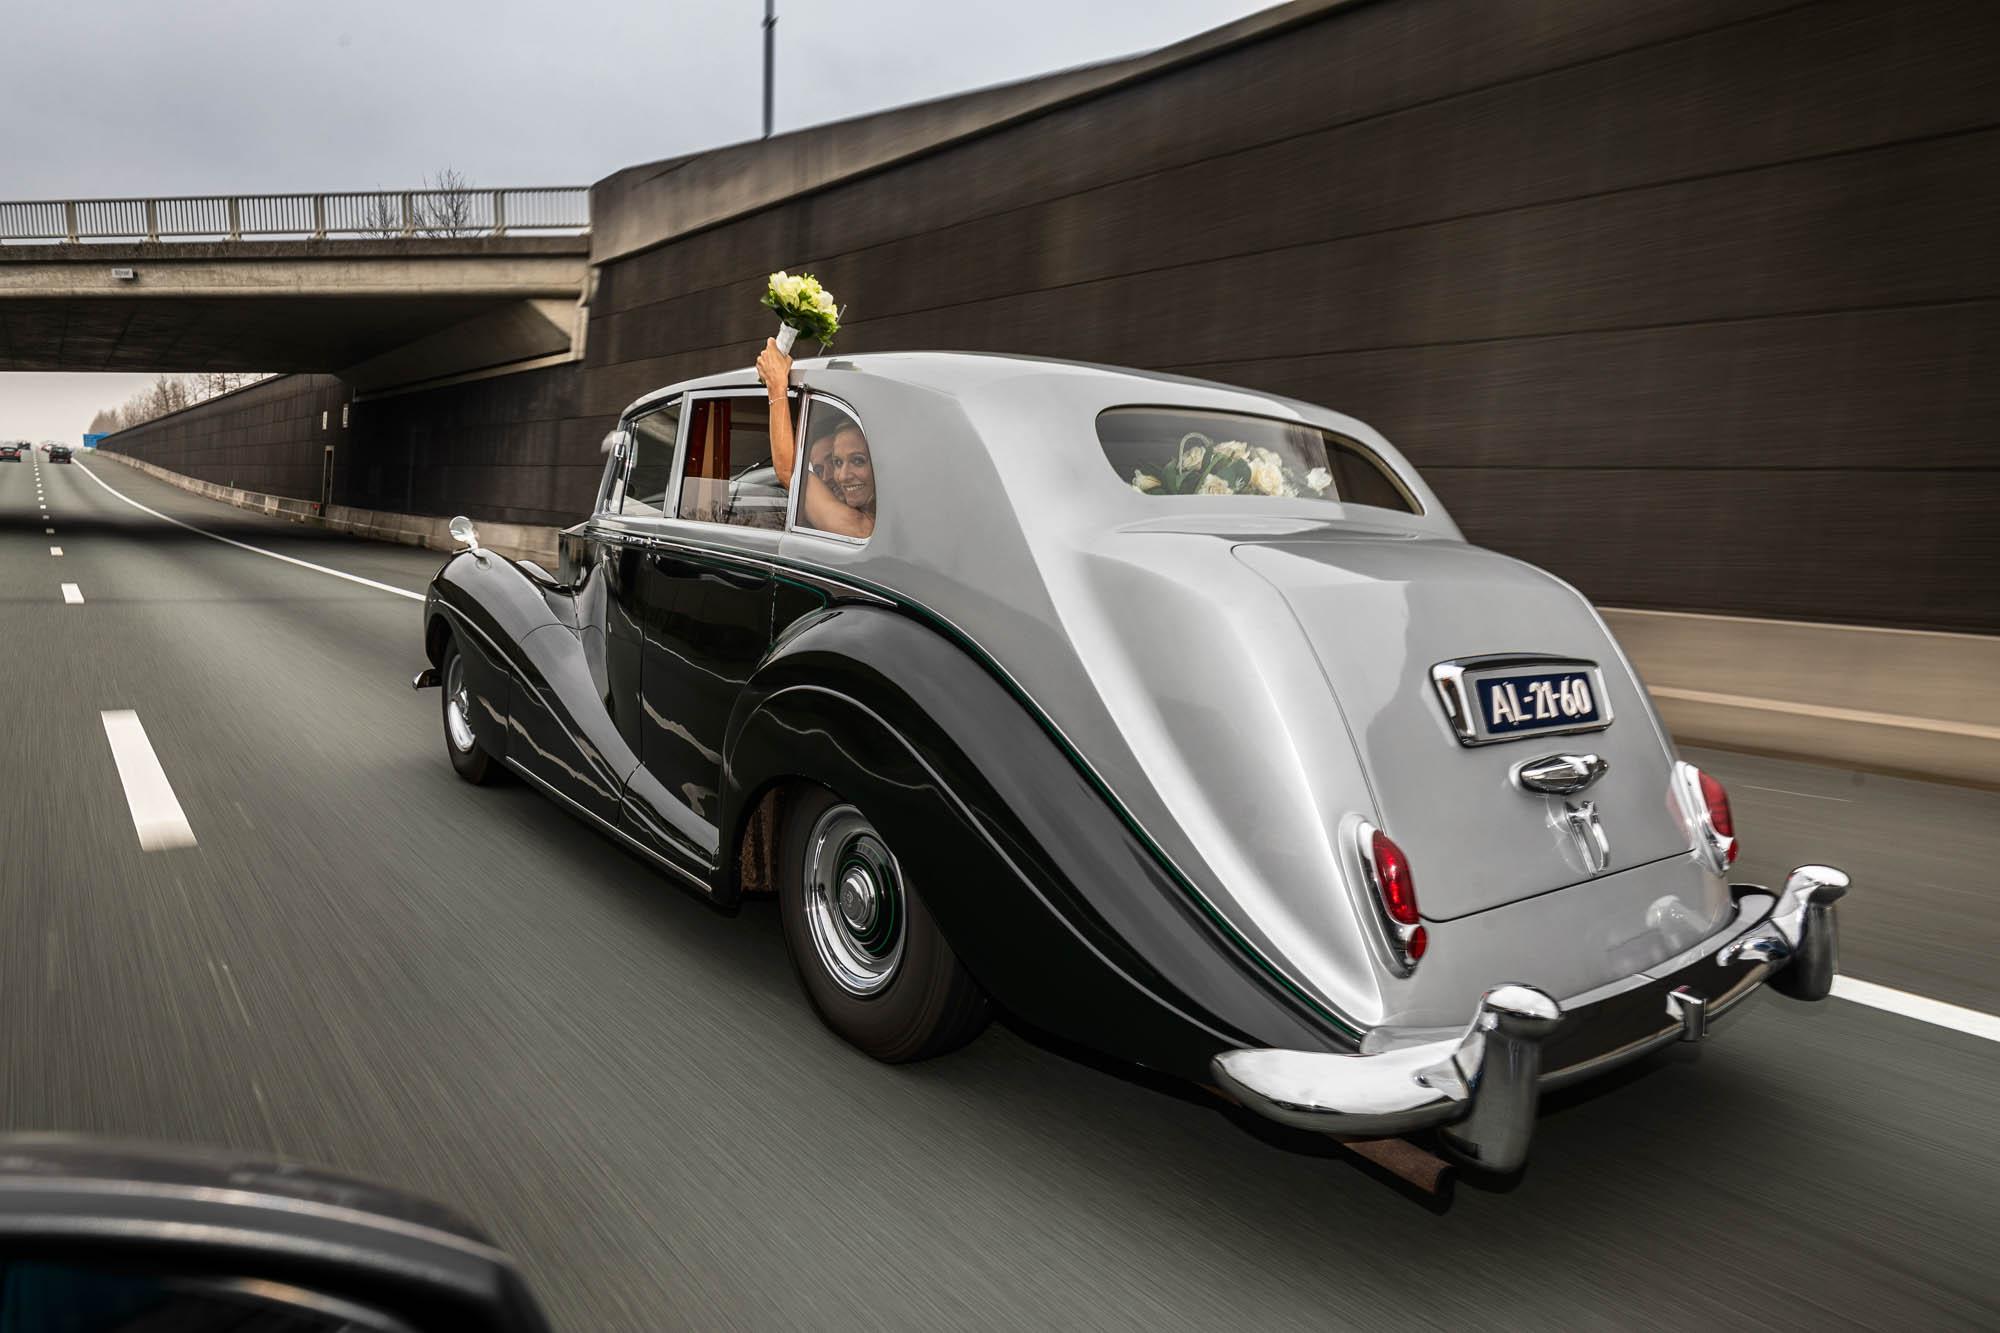 Rolls Royce op weg met bruidspaar tijdens de trouwdag.